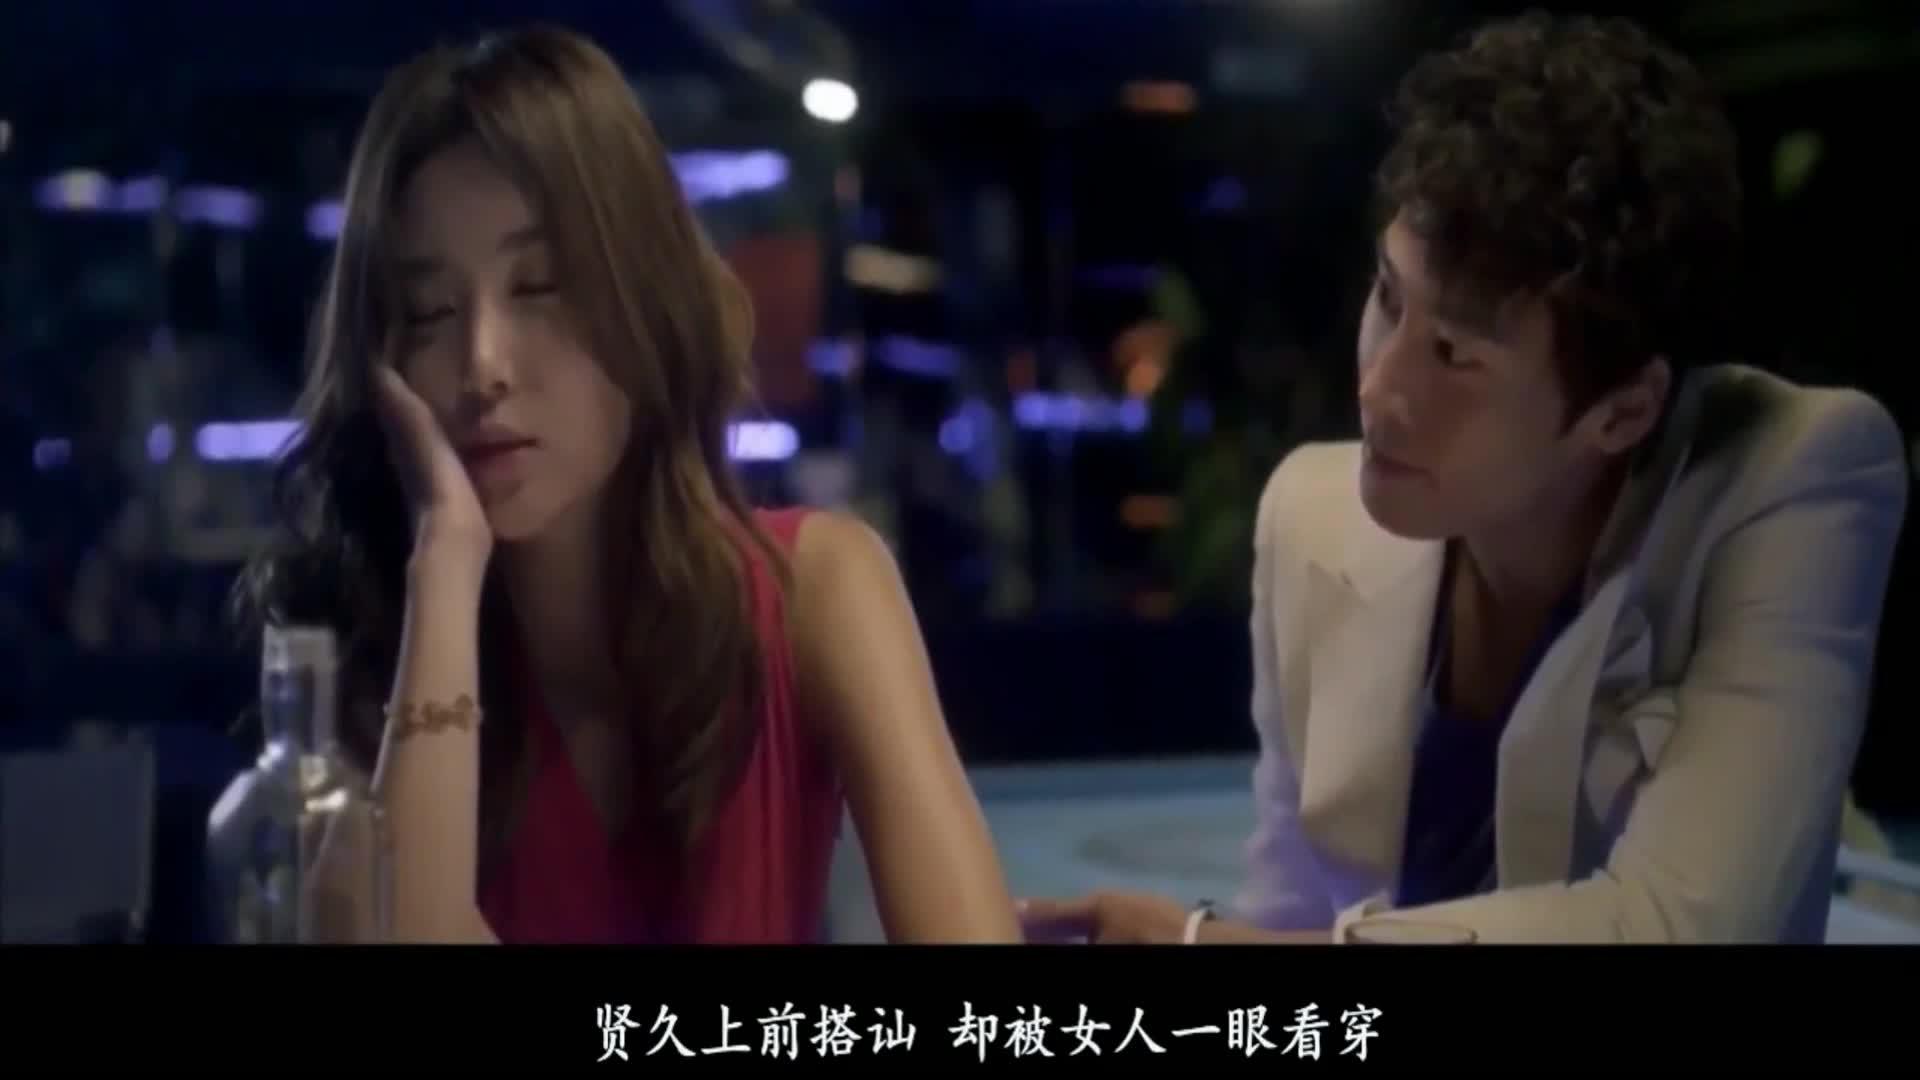 #韩国伦理《变身小姐》#韩国剧情伦理片《变身小姐》,女主让人大饱眼福